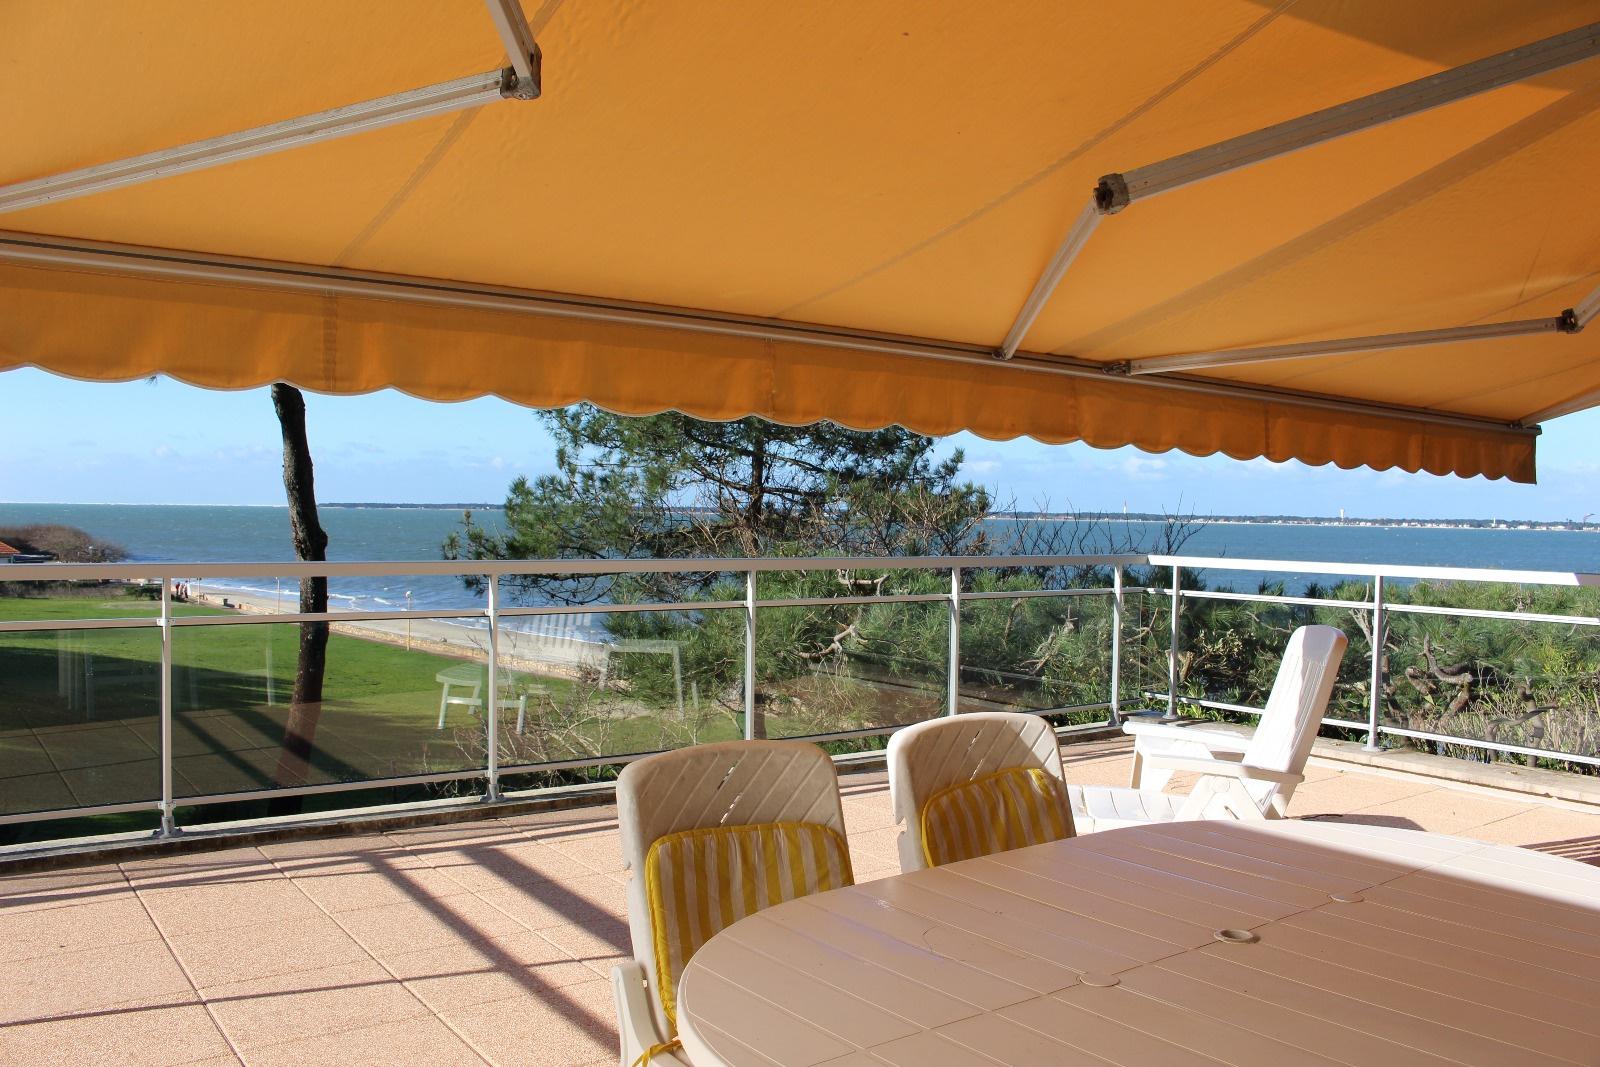 Location vacances appartement arcachon avec agence de la plage for Agence location studio